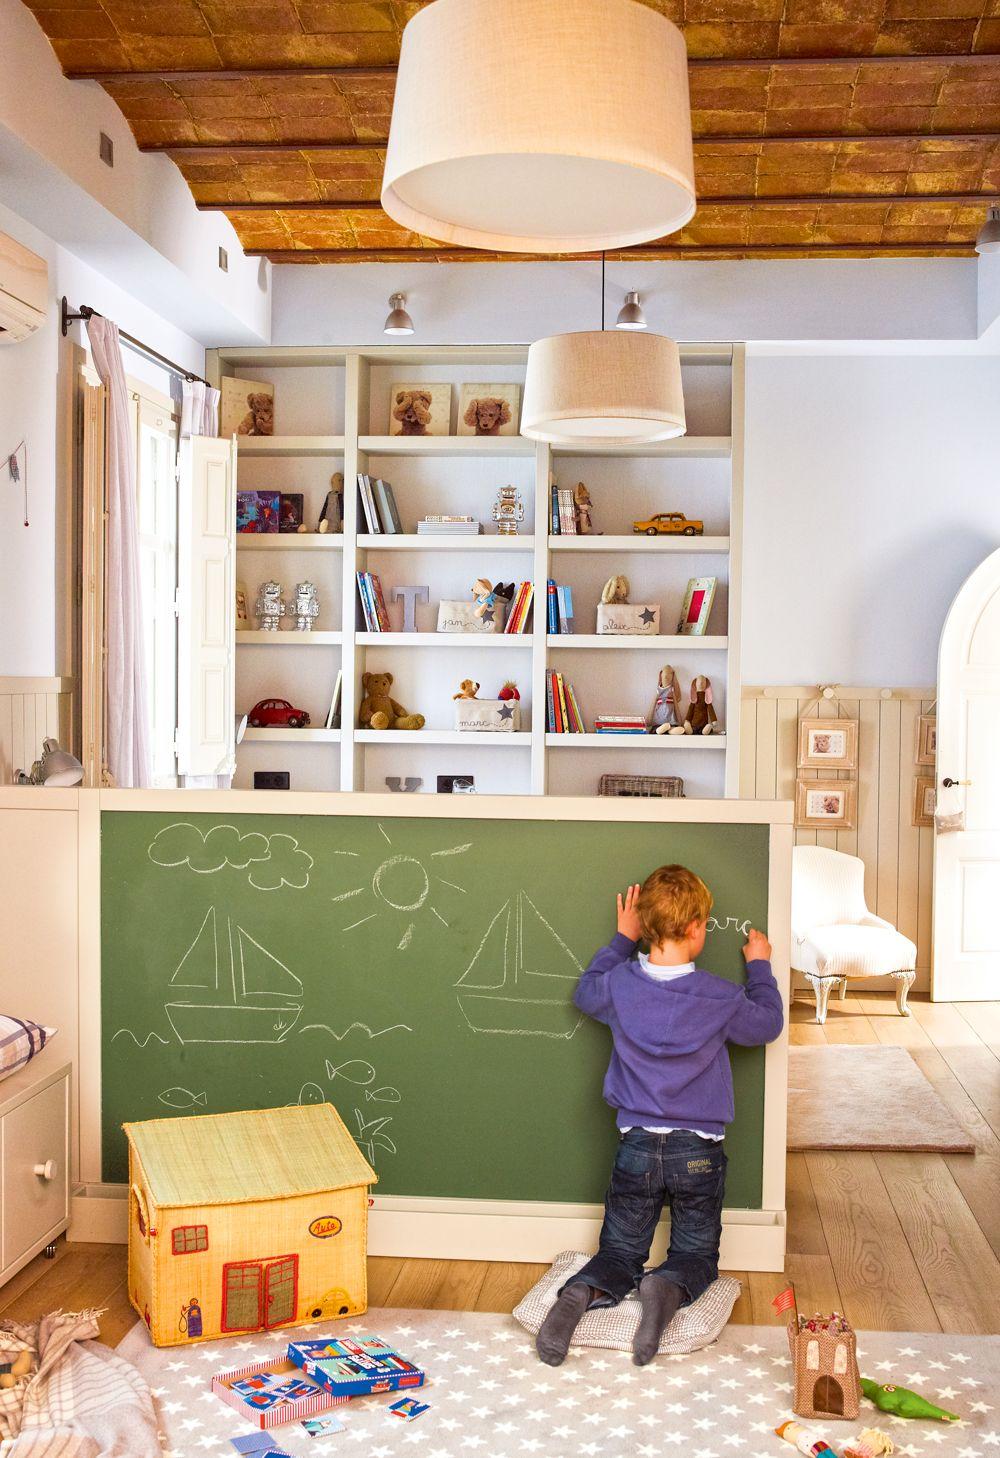 Muebles Vers Tiles Con Doble Funci N Ideales Para Espacios  # Muebles Doble Funcionalidad